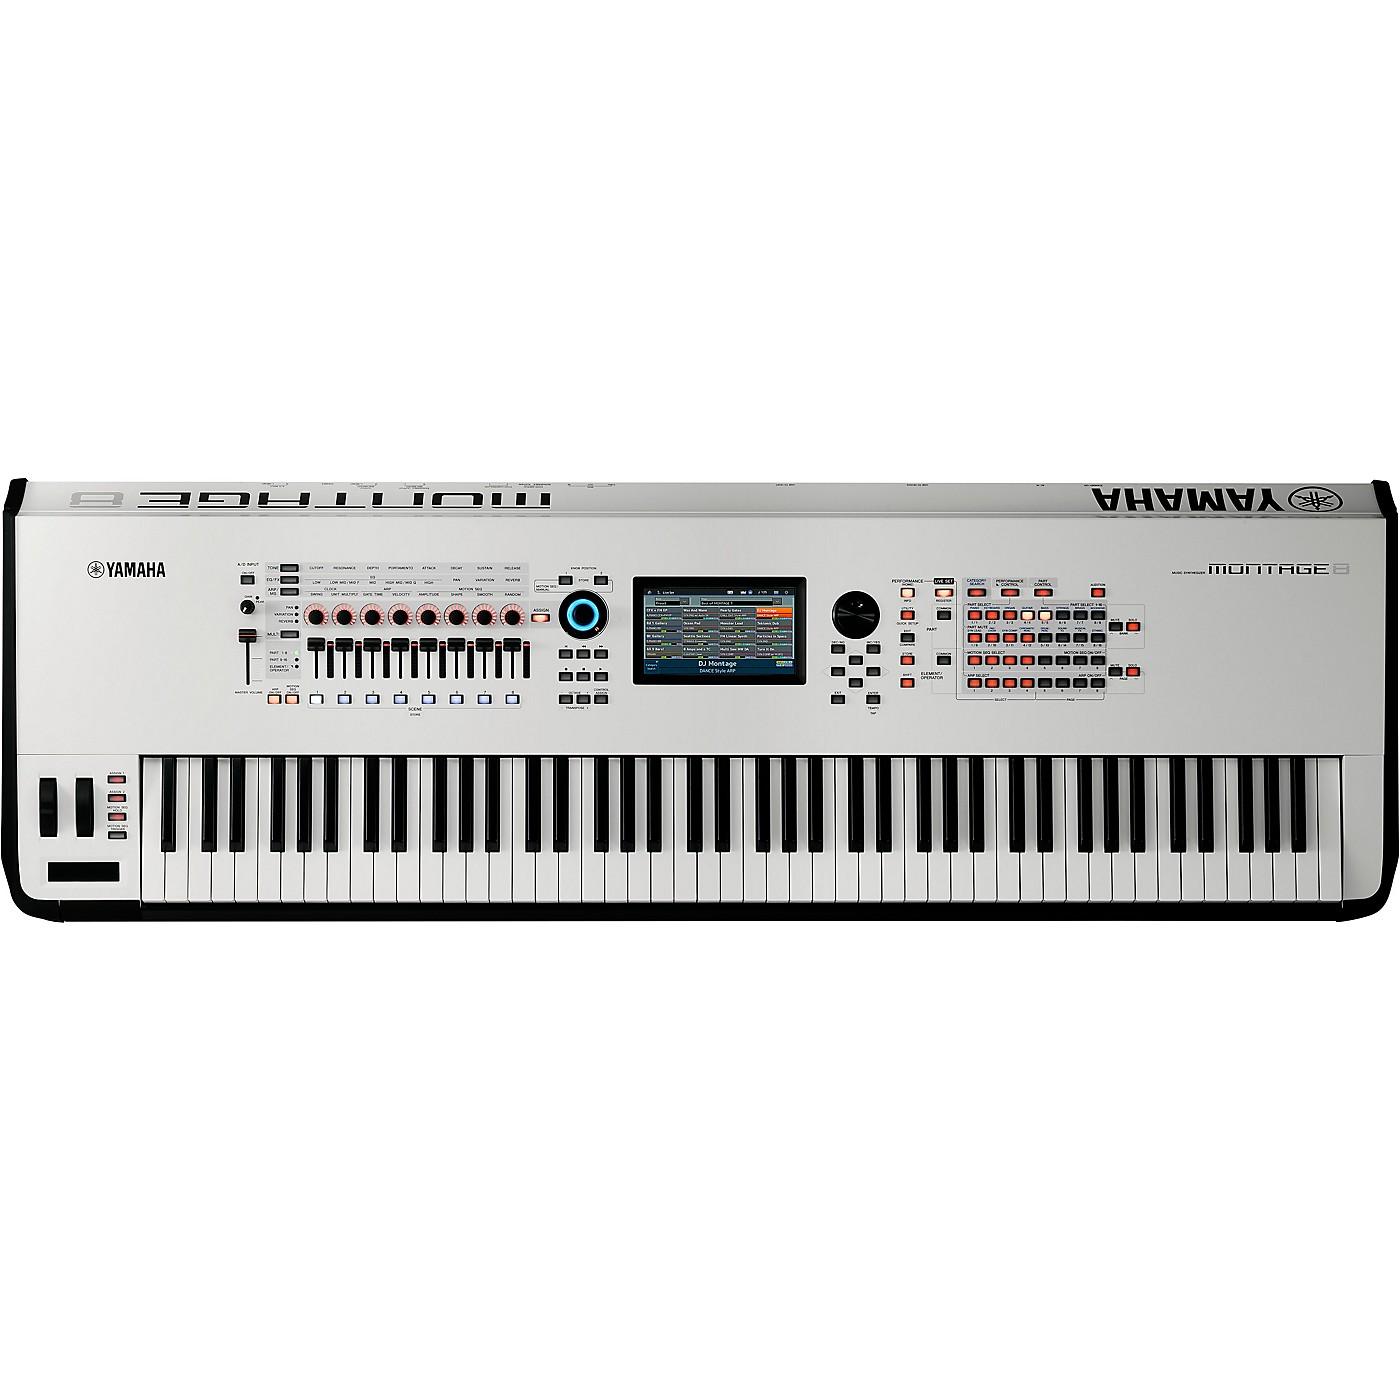 Yamaha Montage 8 88-Key Flagship Synthesizer White thumbnail